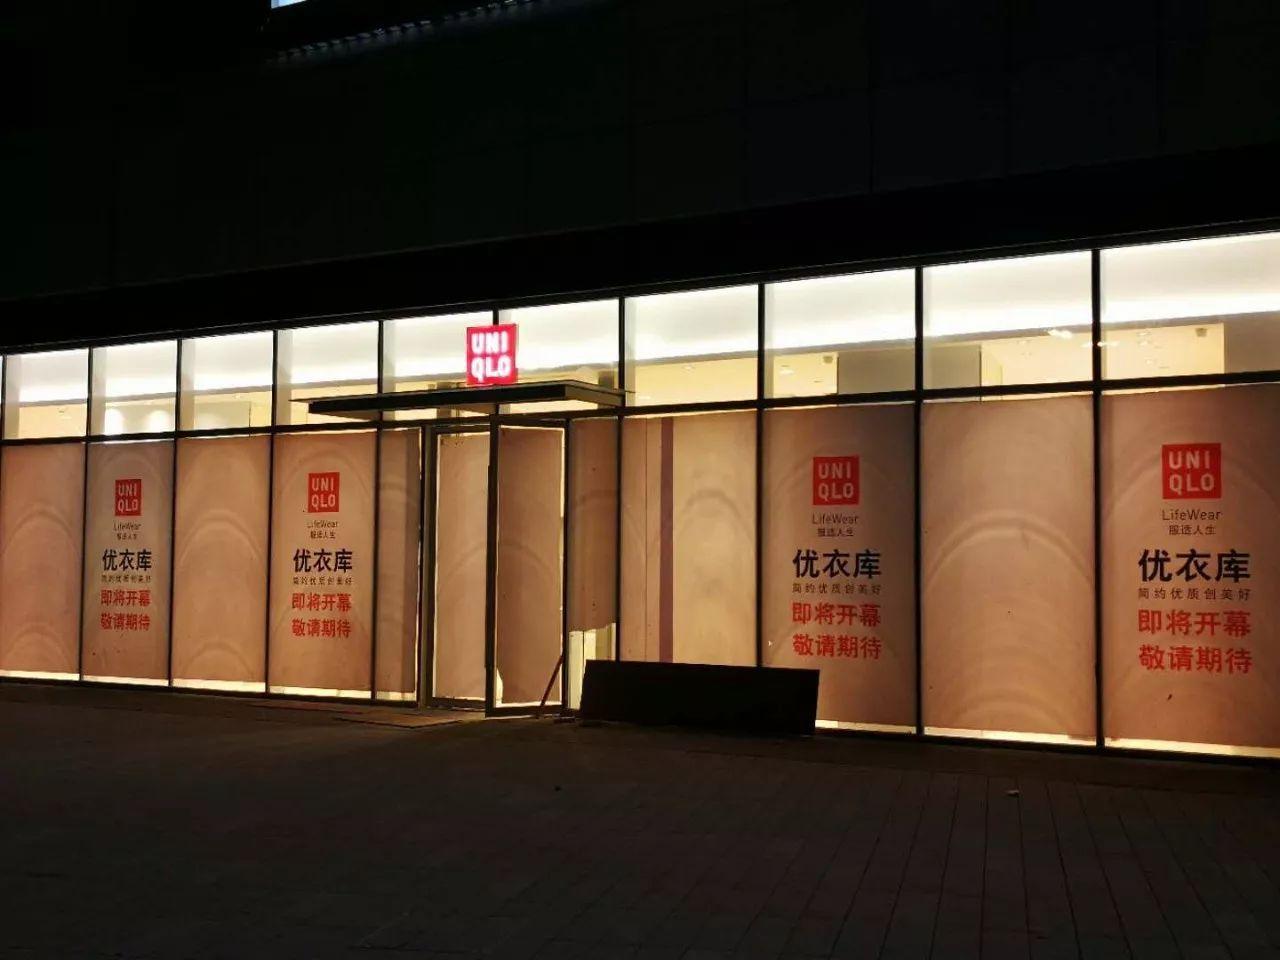 有优衣库,西贝莜面村,原唱反斗城,唛歌时尚ktv,永辉超市,a原唱蓝海布娃娃玩具图片